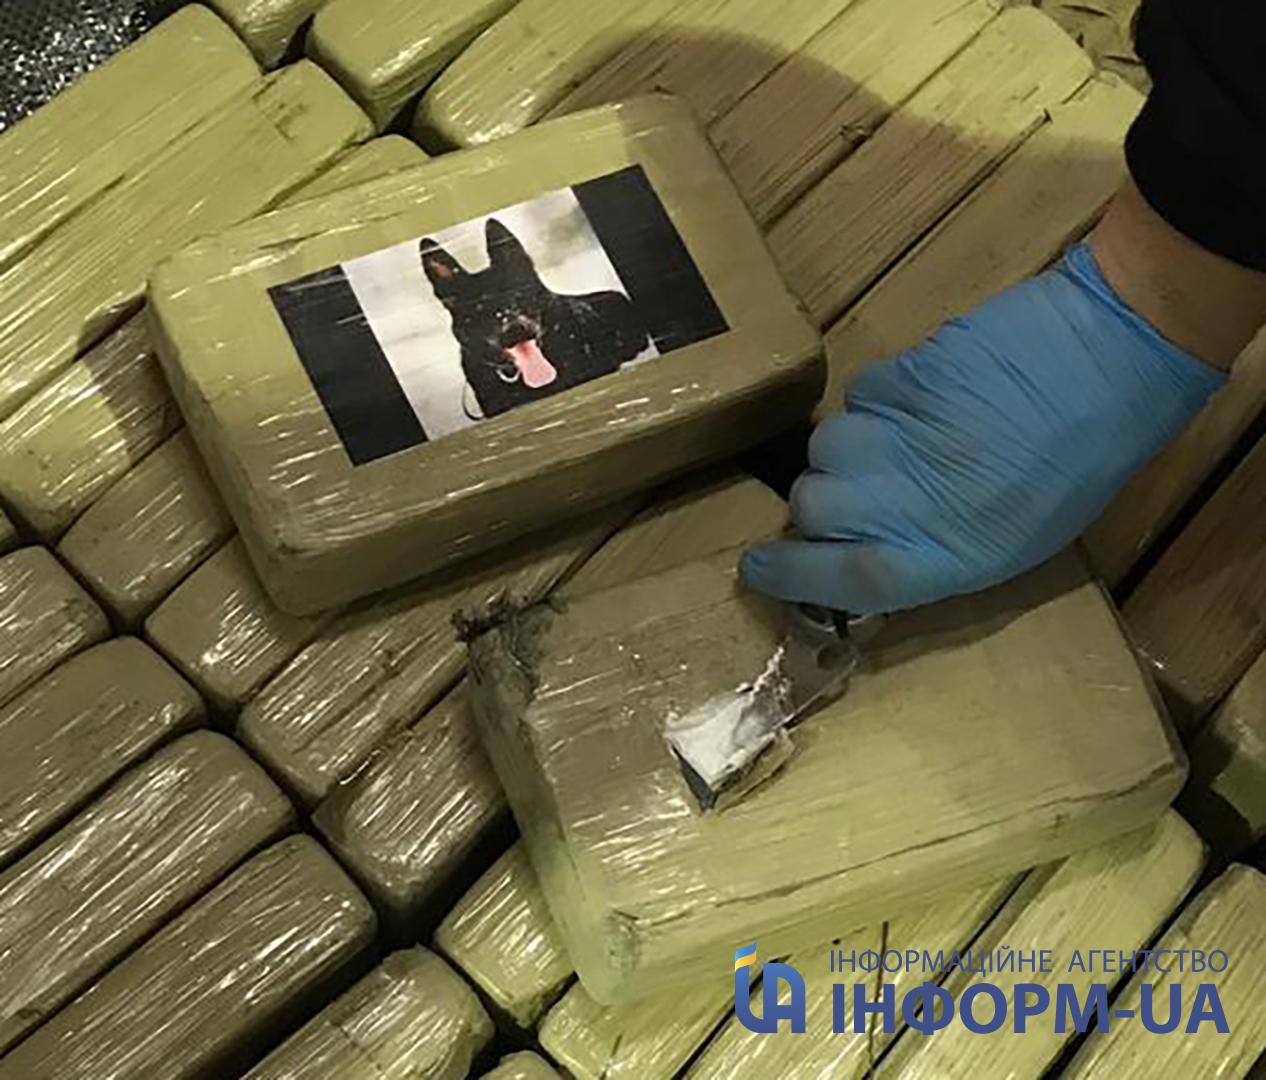 Разрез упаковки кокаина Собака